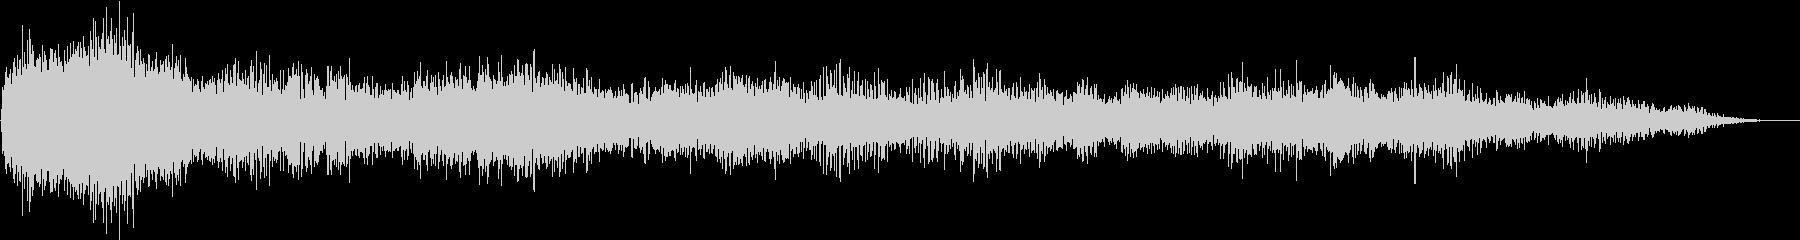 ホラー映画に出てきそうなノイズ系音源06の未再生の波形